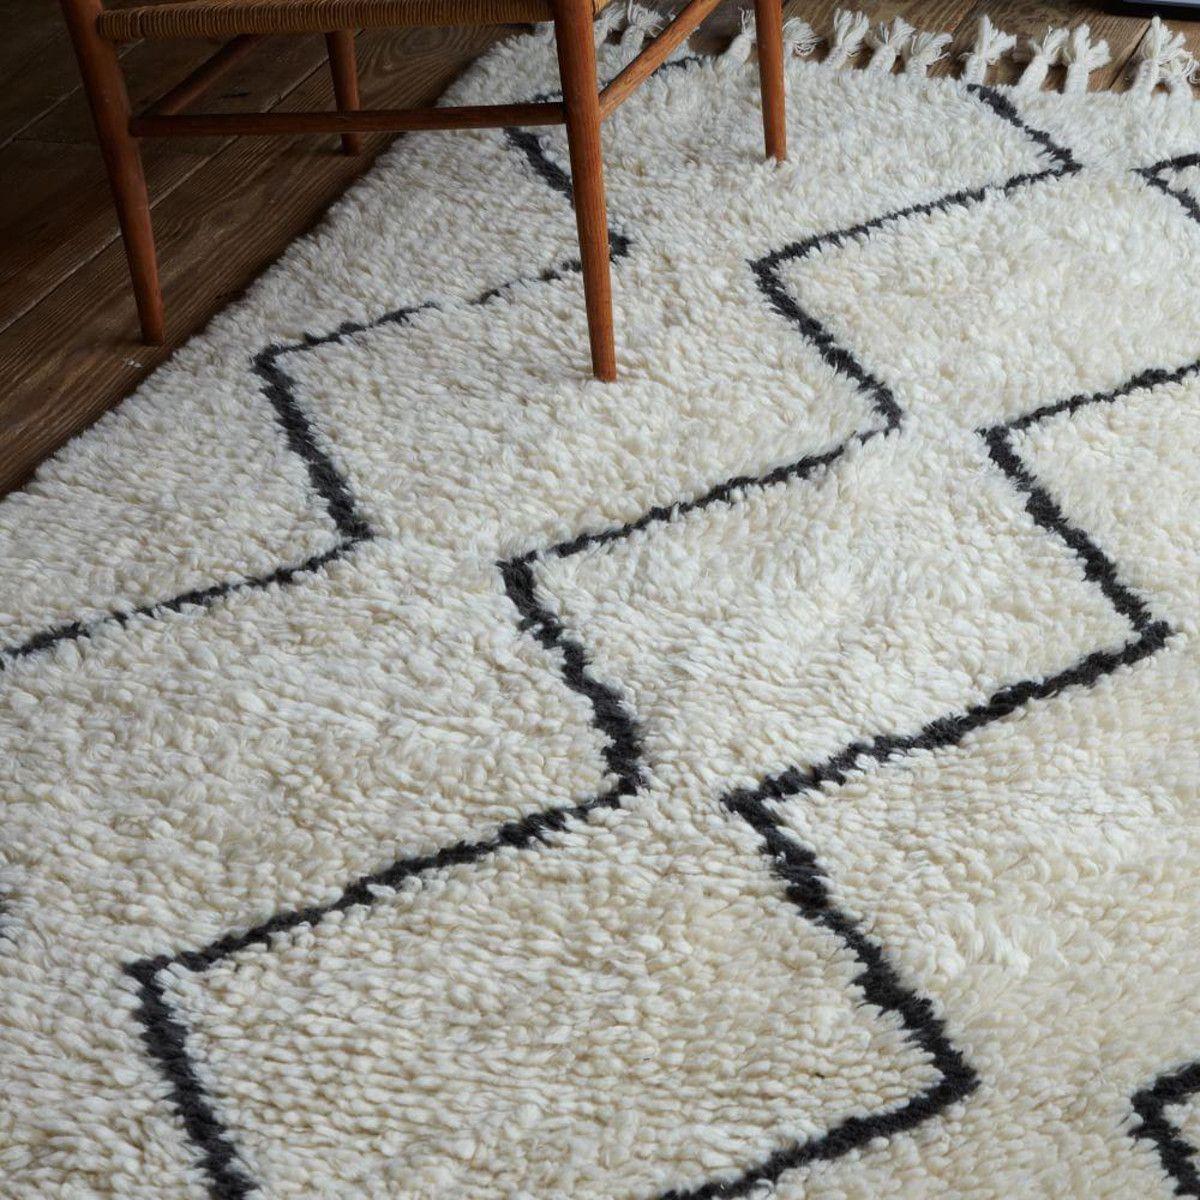 Kilim Rug John Lewis: Souk Wool Rug - Ivory/Graphite